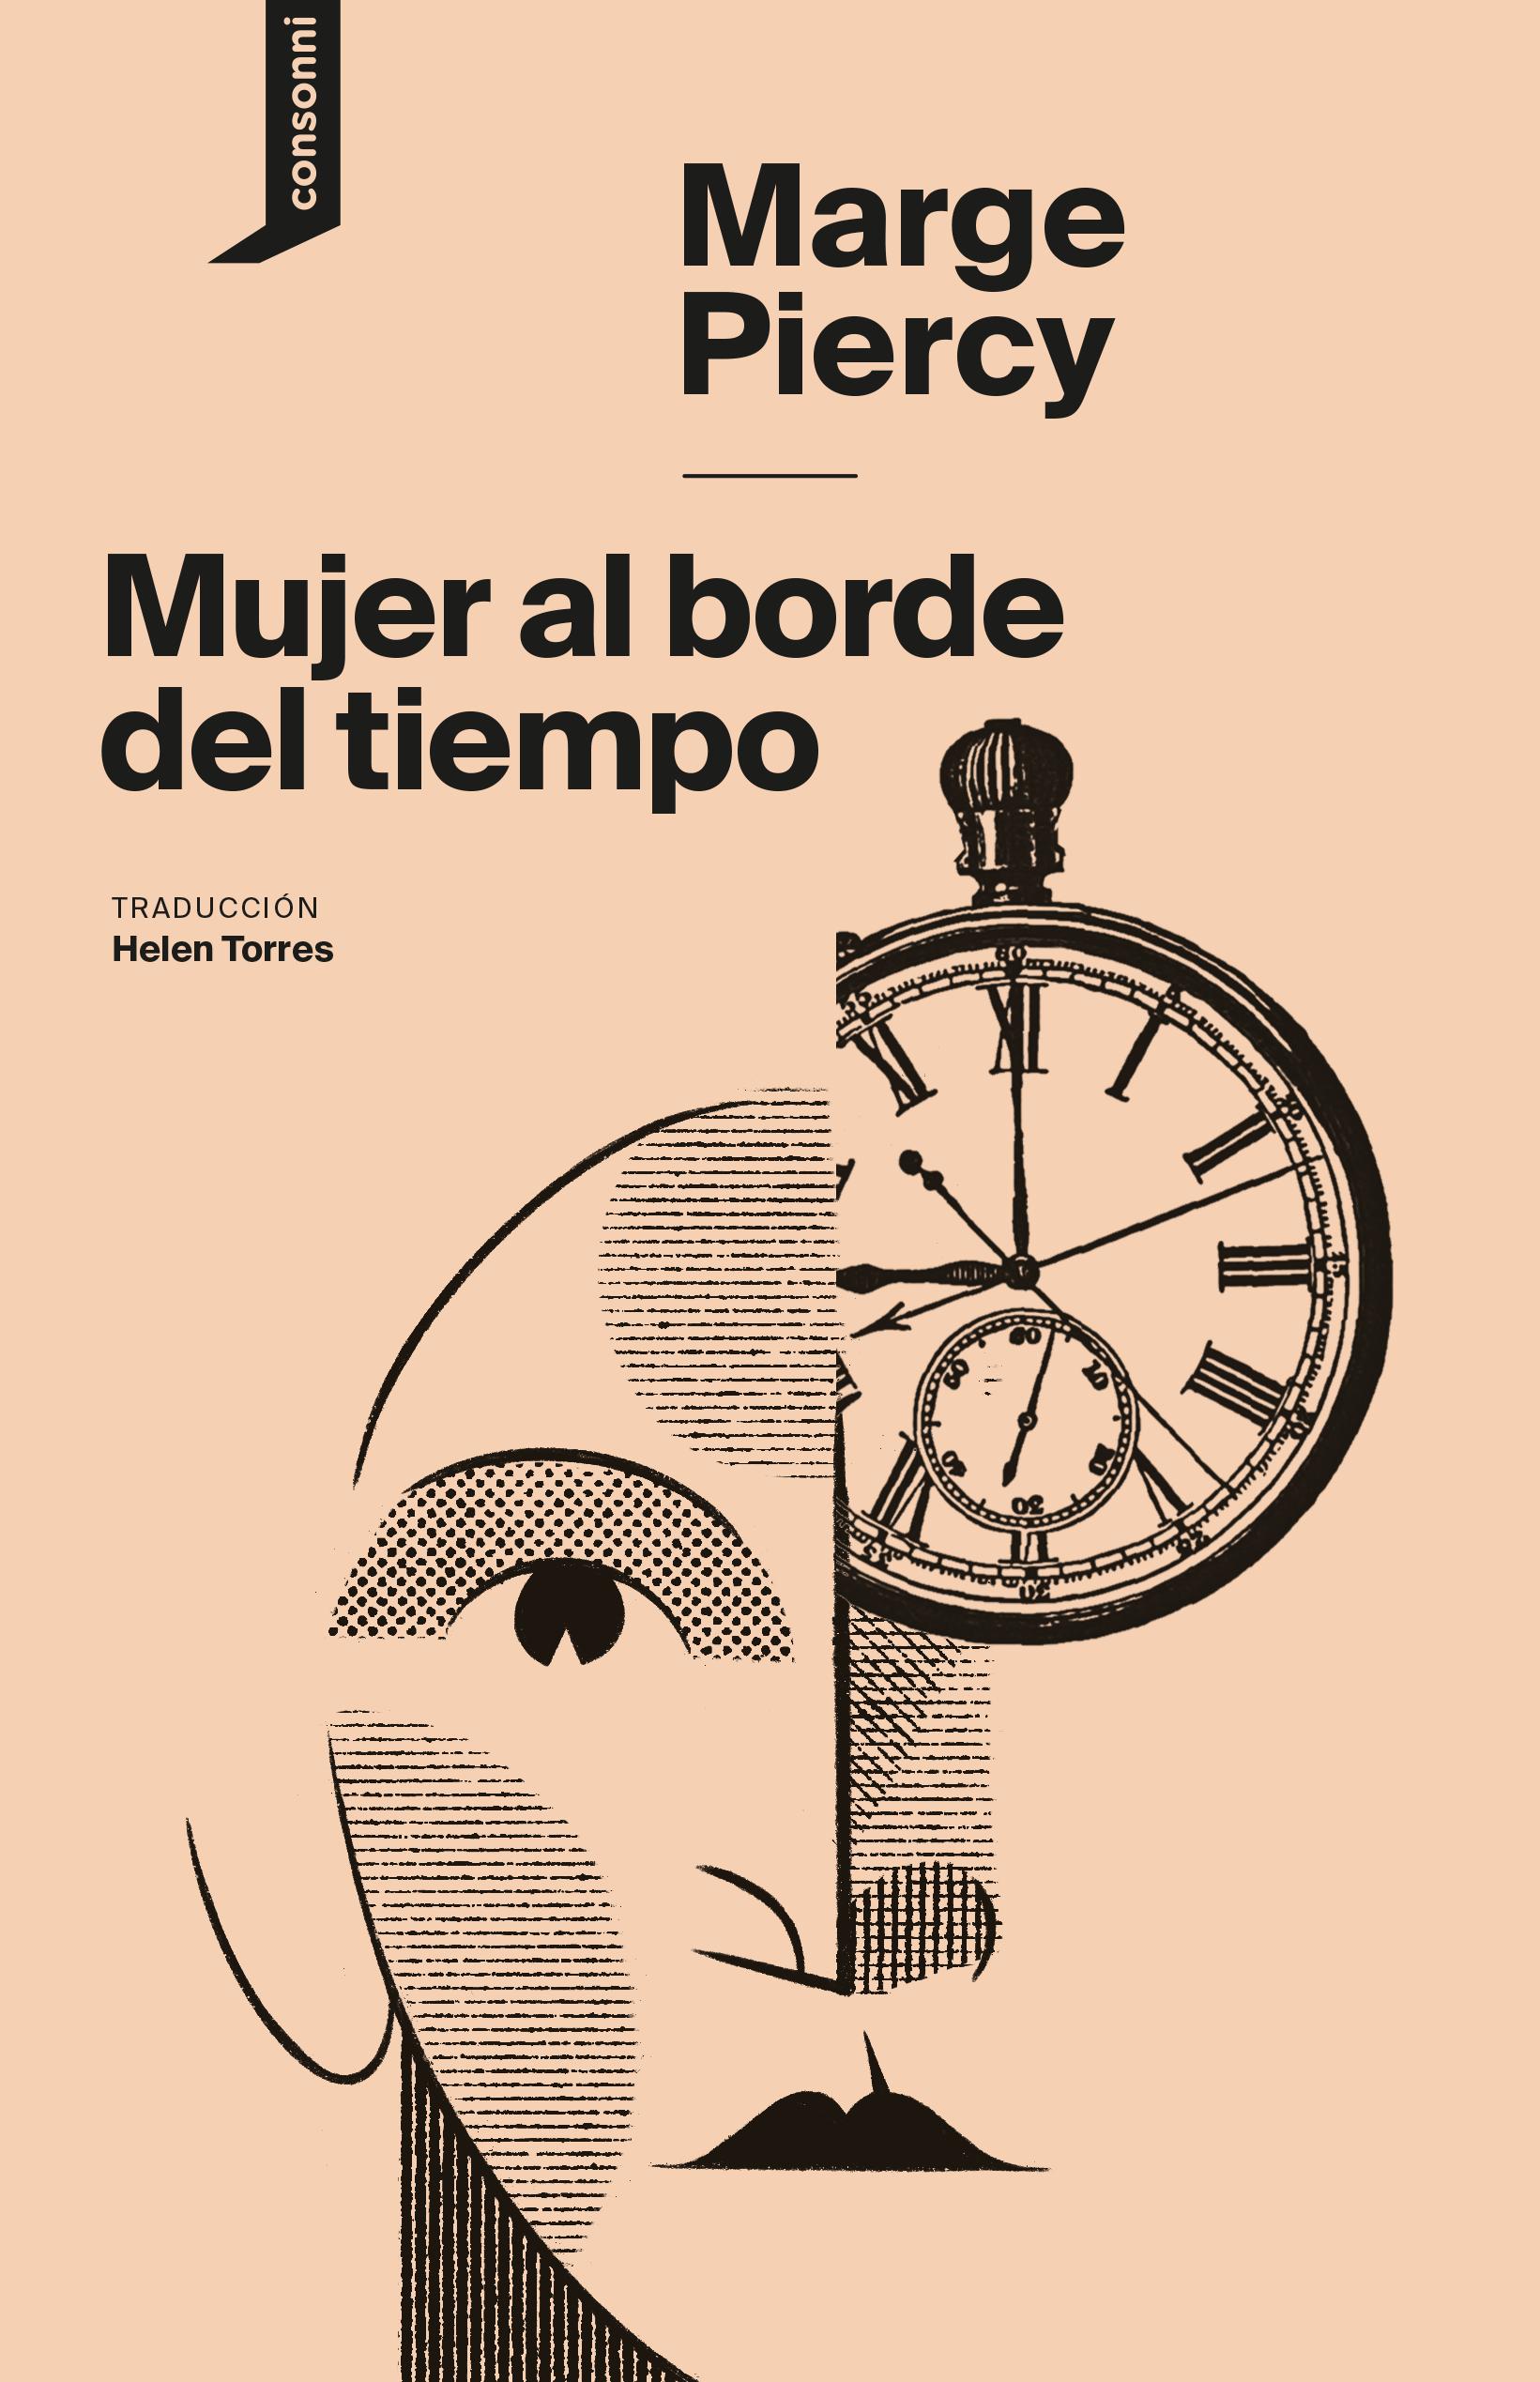 Mujer al borde del tiempo (1976), de Marce Piercy